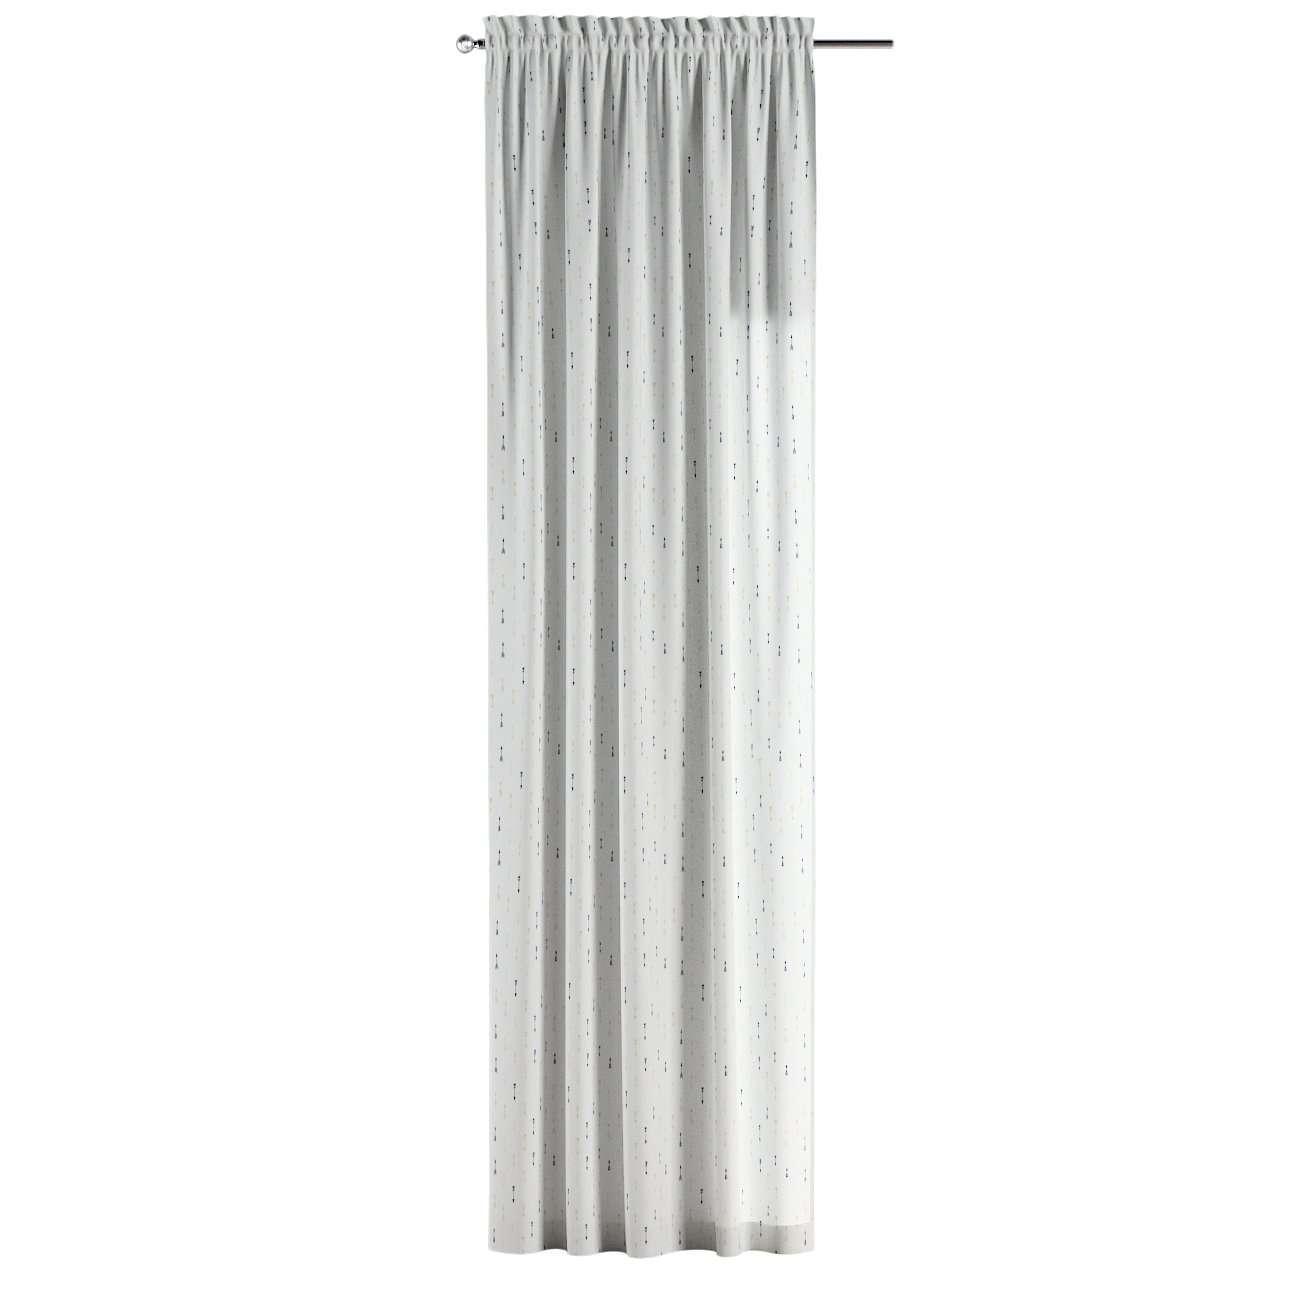 Gardin med løpegang - multibånd 1 stk. 130 × 260 cm fra kolleksjonen Adventure, Stoffets bredde: 141-82